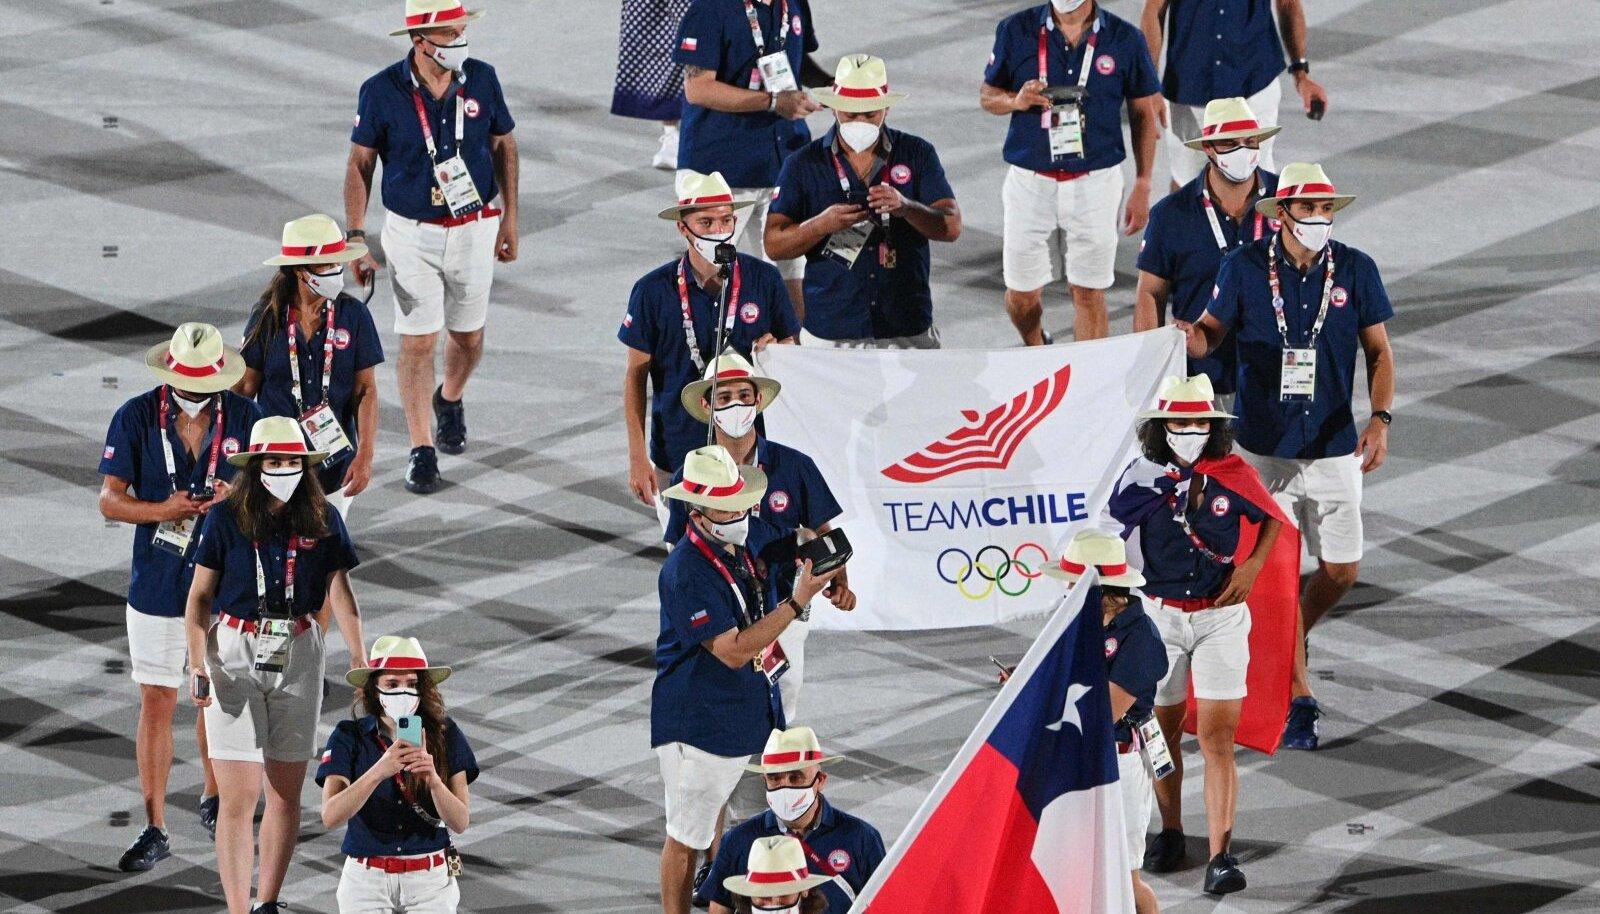 Tšiili olümpiakoondis Tokyo avatseremoonial